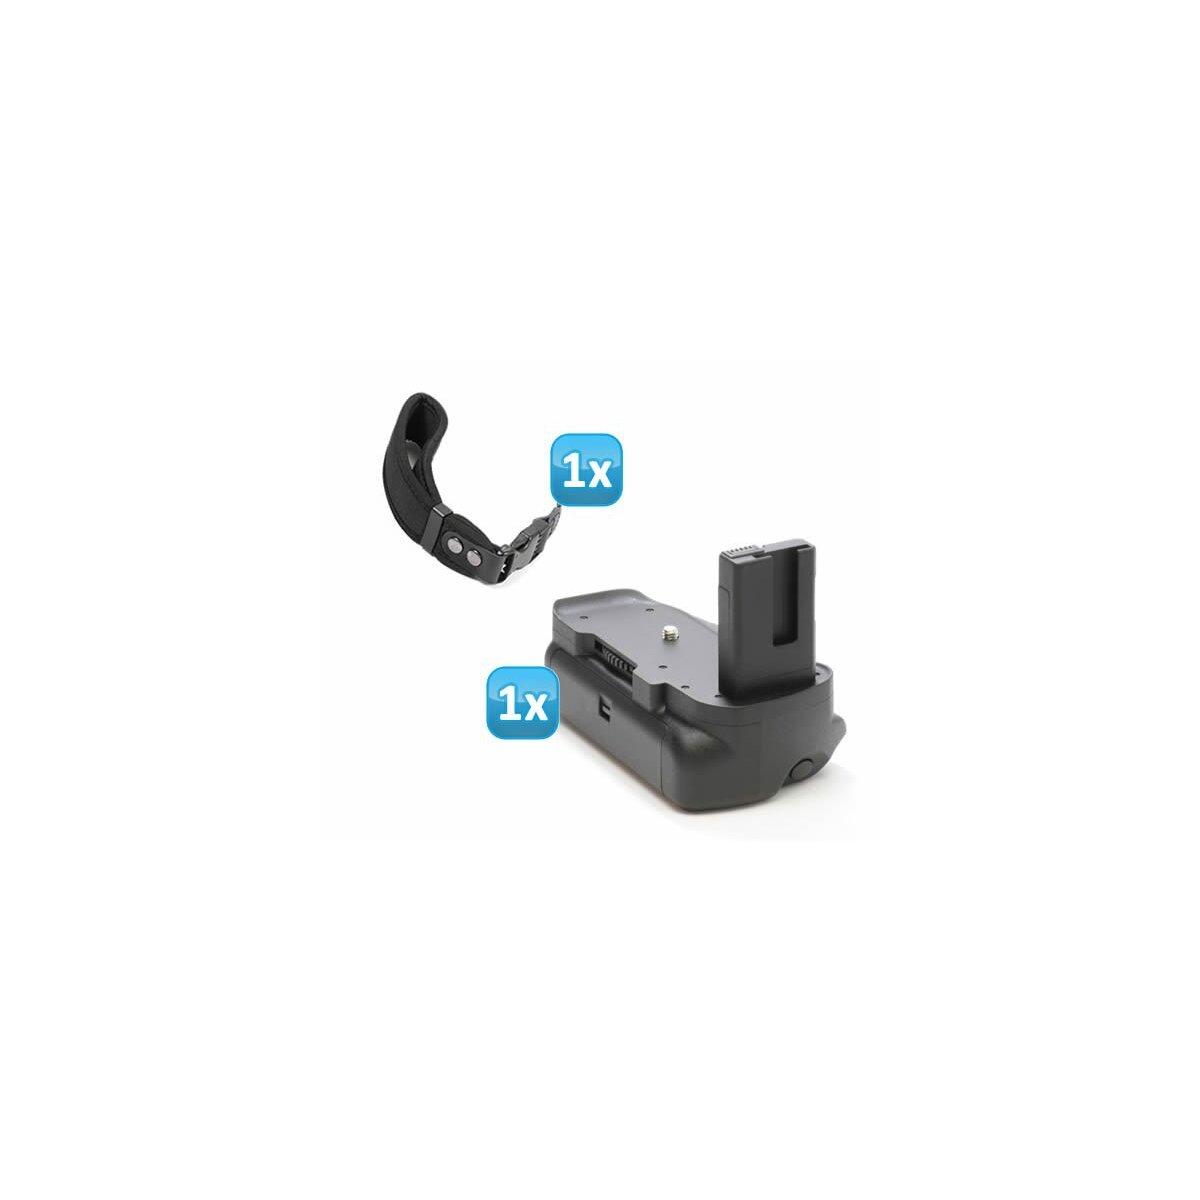 Minadax Profi Batteriegriff kompatibel mit Nikon D5300, D5200, D5100, inklusiv 1x Neopren Handgelenkschlaufe - hochwertiger Handgriff mit Hochformatauslöser - für 2x EN-EL14 Akkus